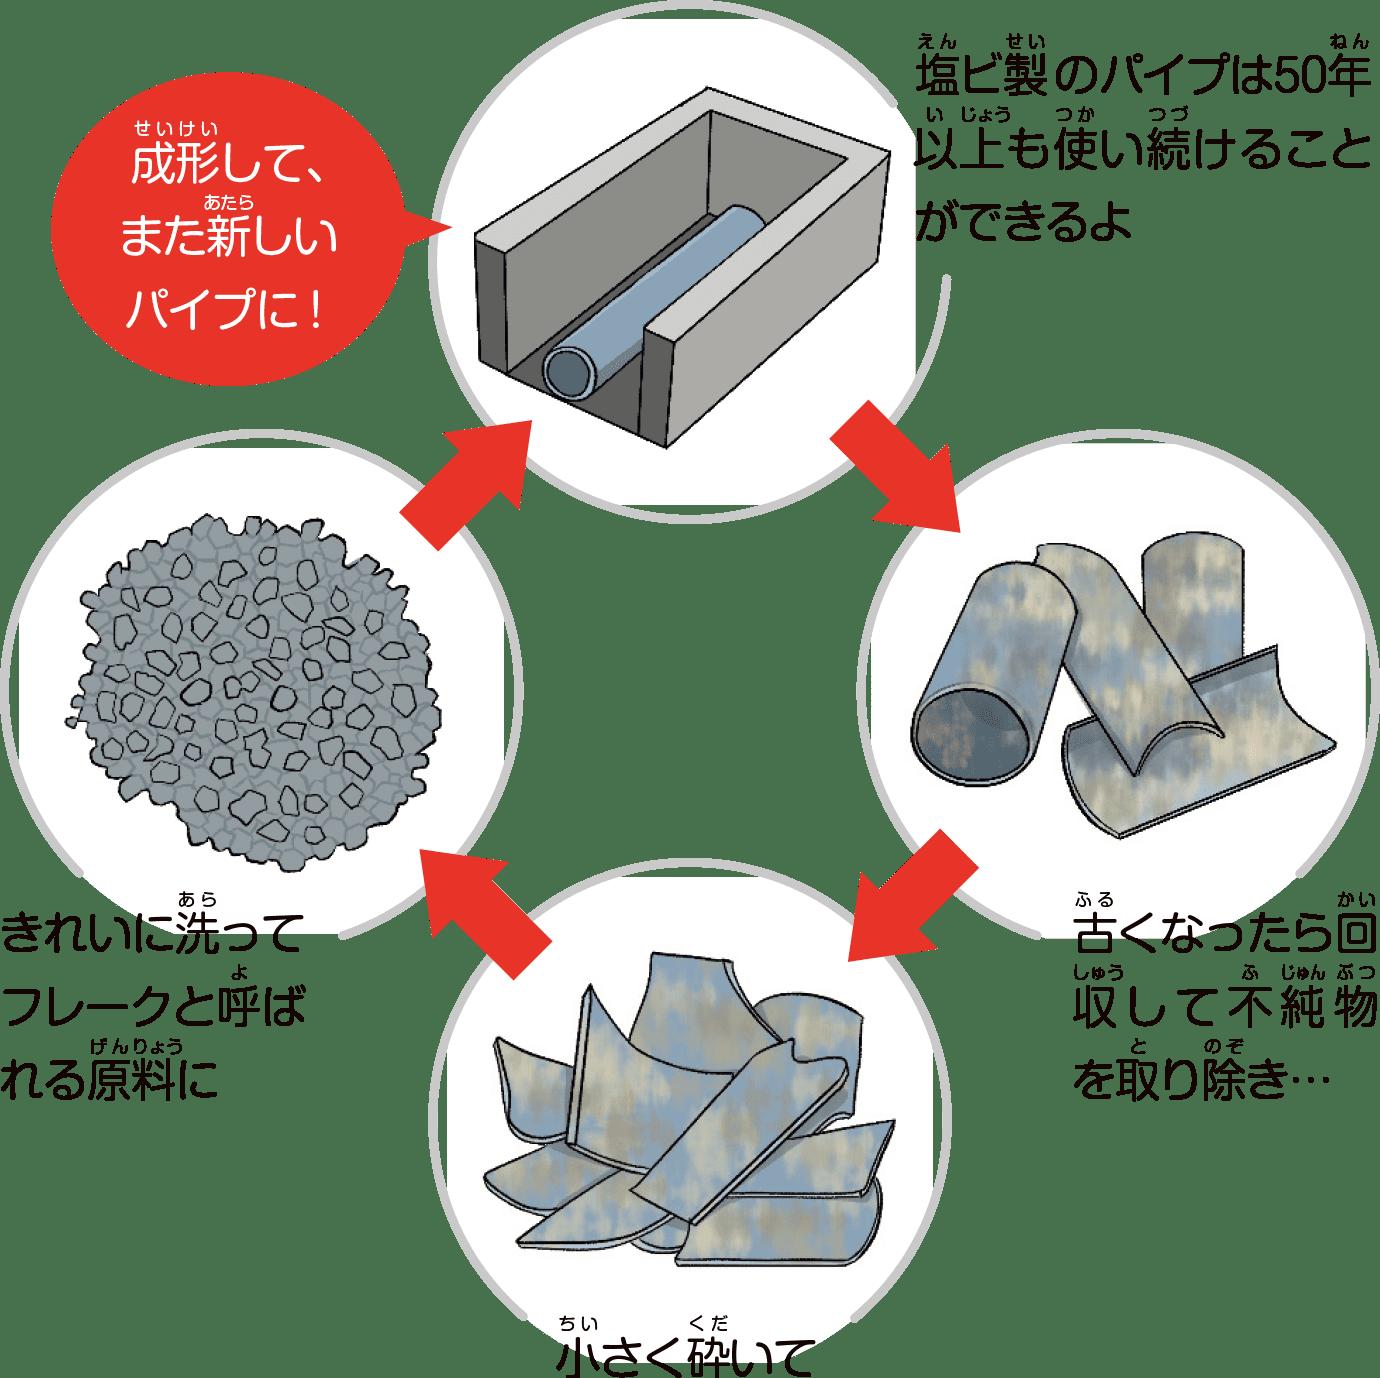 塩ビは丈夫で長持ち、リサイクルもしやすい素材